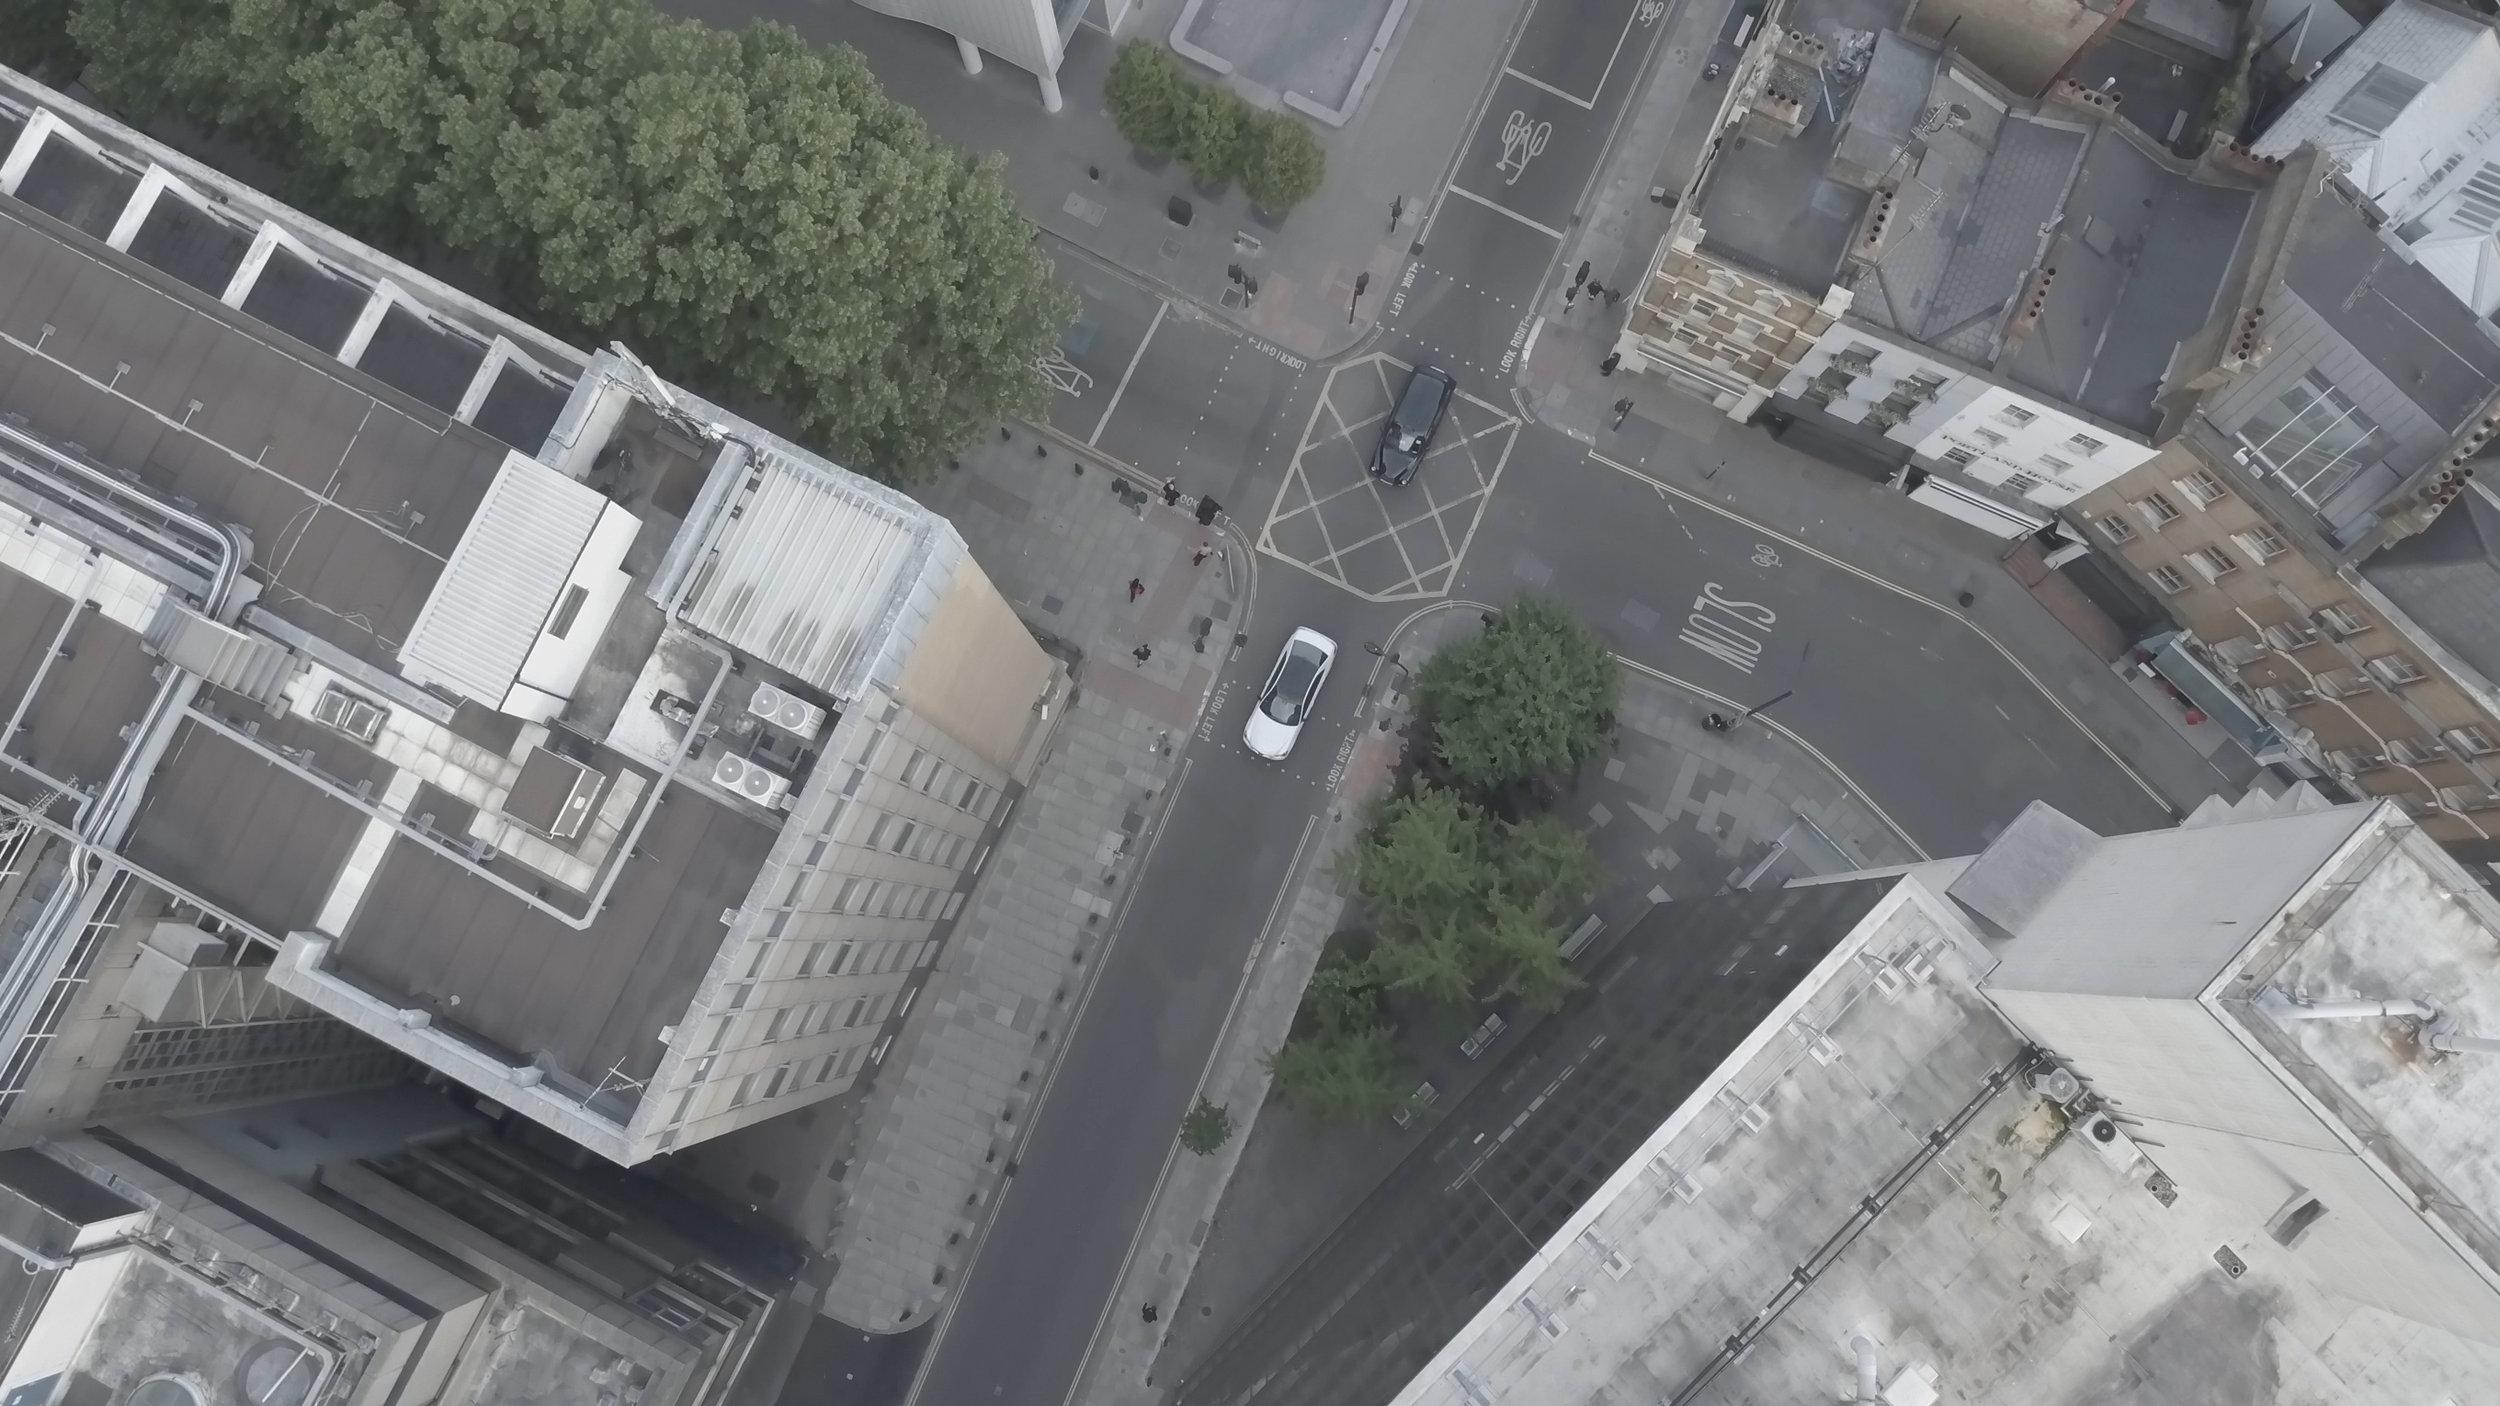 Original 2.7k drone footage